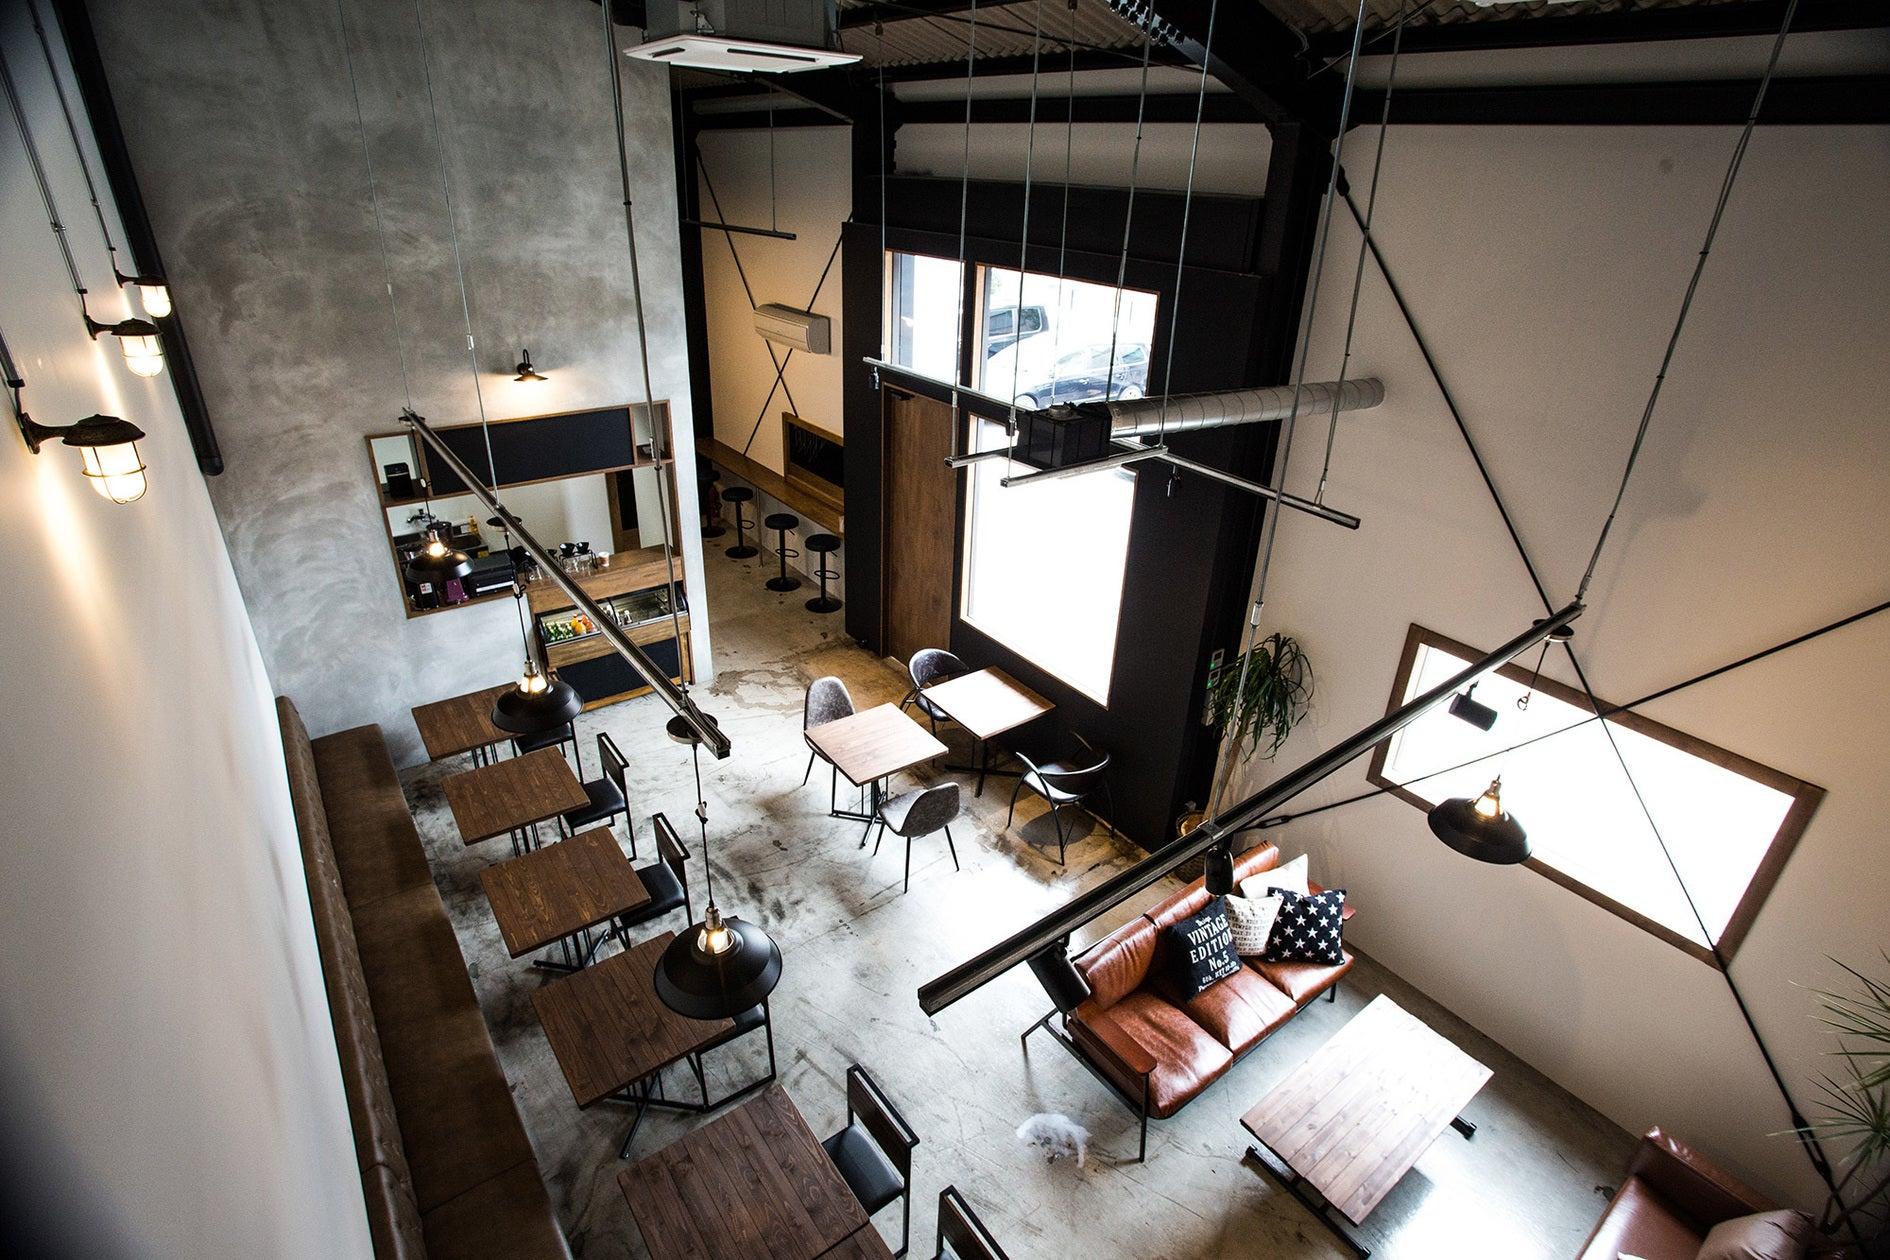 滋賀県、草津にあるレンタルスペース。パーティー、イベント、会議、打ち合わせ、撮影、展示会などにご利用いただけます の写真